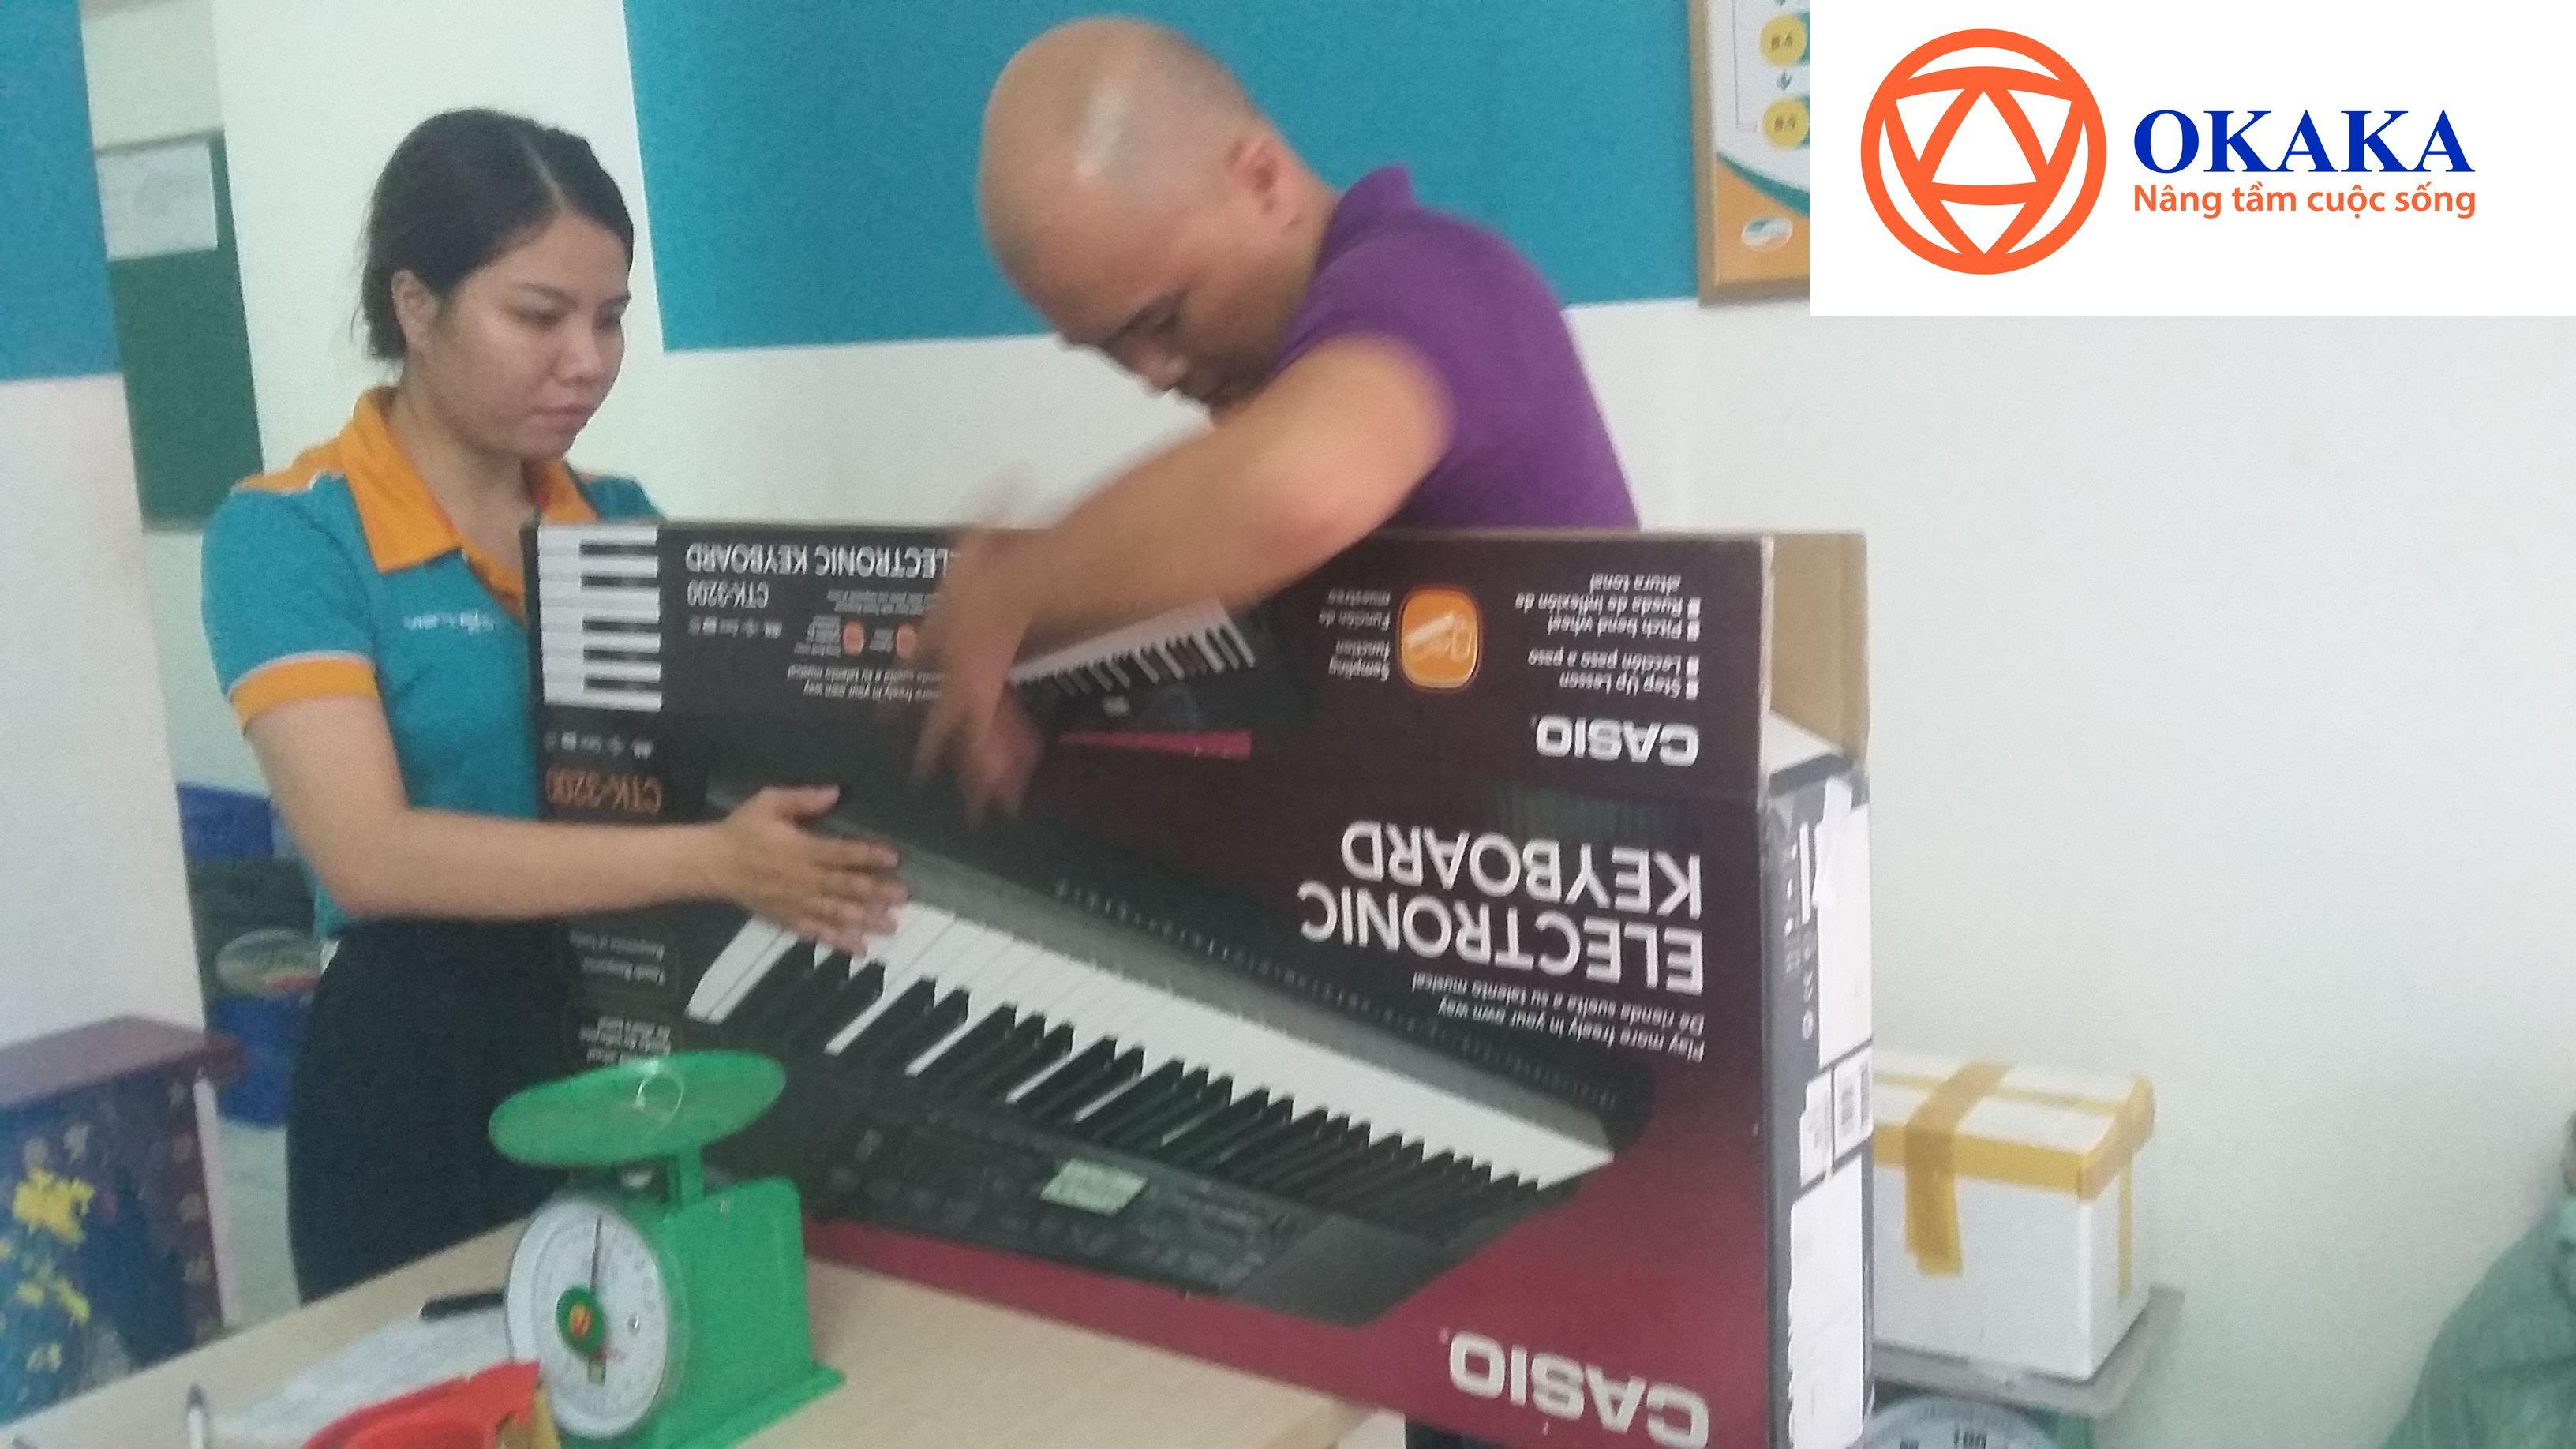 """Ngày Cá tháng 4 năm nay, OKAKA vui mừng nhận được tin nhắn Fb hỏi mua đàn organ cho bé. Cứ tưởng bị """"bỏ bom"""" trong ngày nói dối này nhưng thật may, """"kinh doanh bằng cái tâm sẽ được đền đáp"""", chị Loan ở Quảng Ninh đã quyết định đặt mua đàn organ Casio CTK-3200 cho con trai 5 tuổi sau khi được OKAKA tư vấn tận tình."""